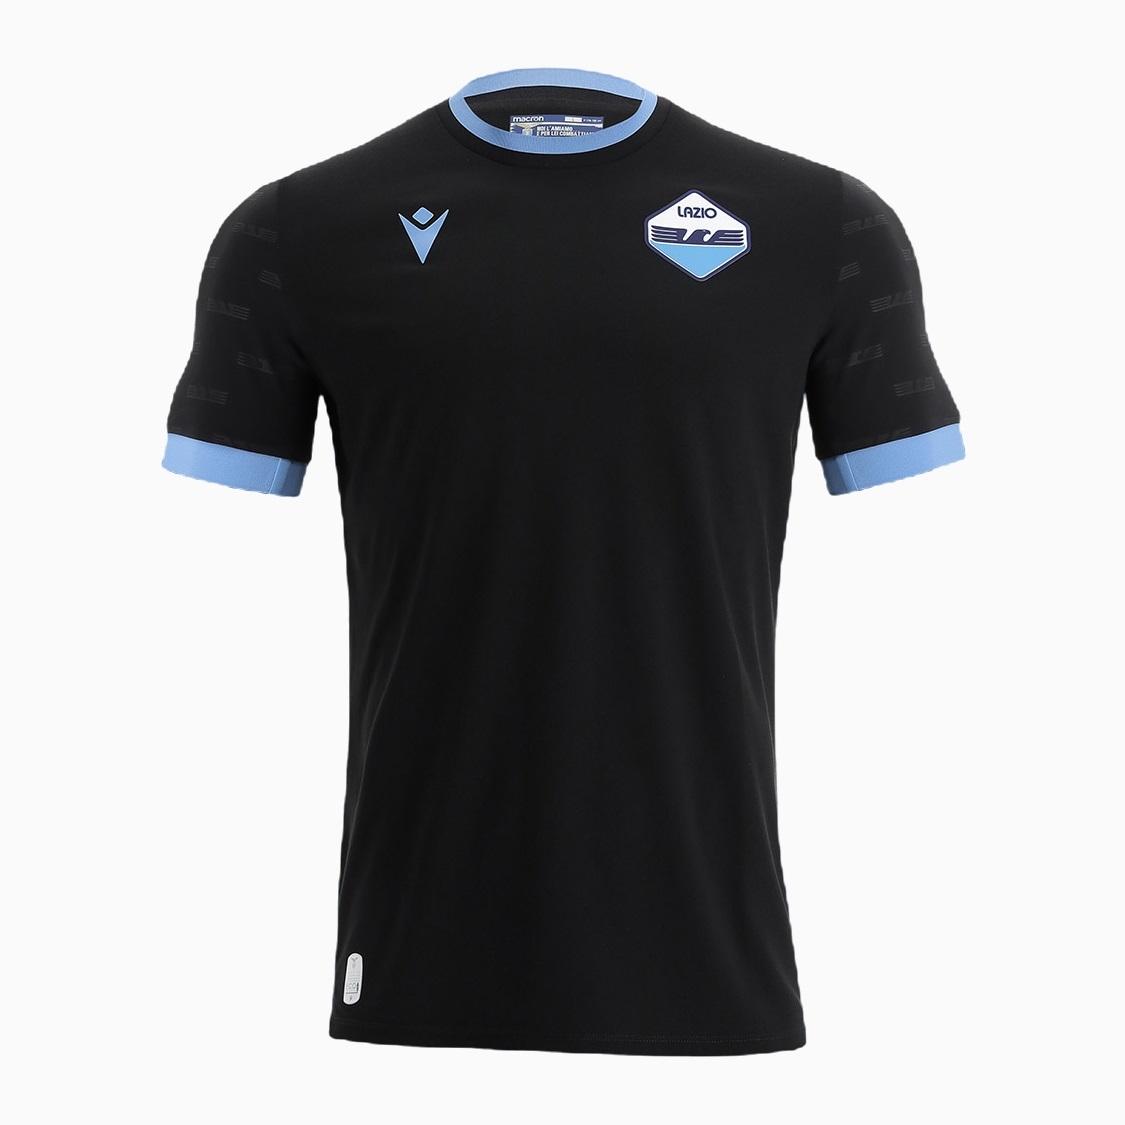 Maillot Lazio 2021-2022 Third